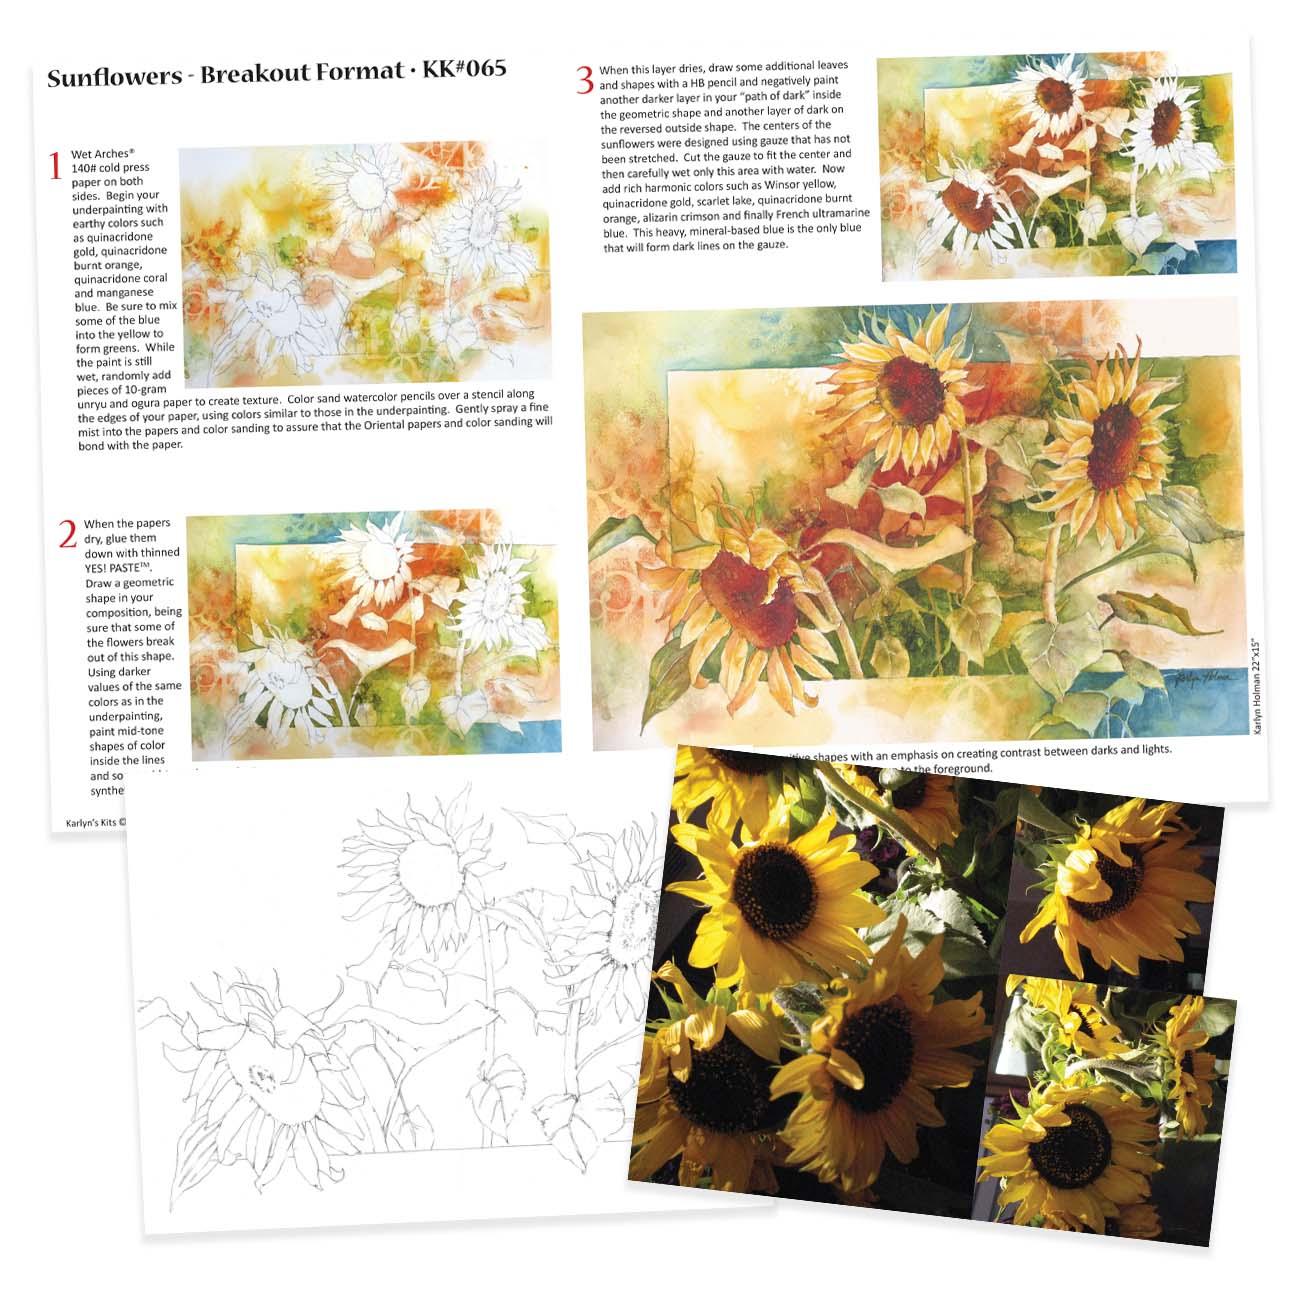 KK065 - Sunflowers, Breakout Format